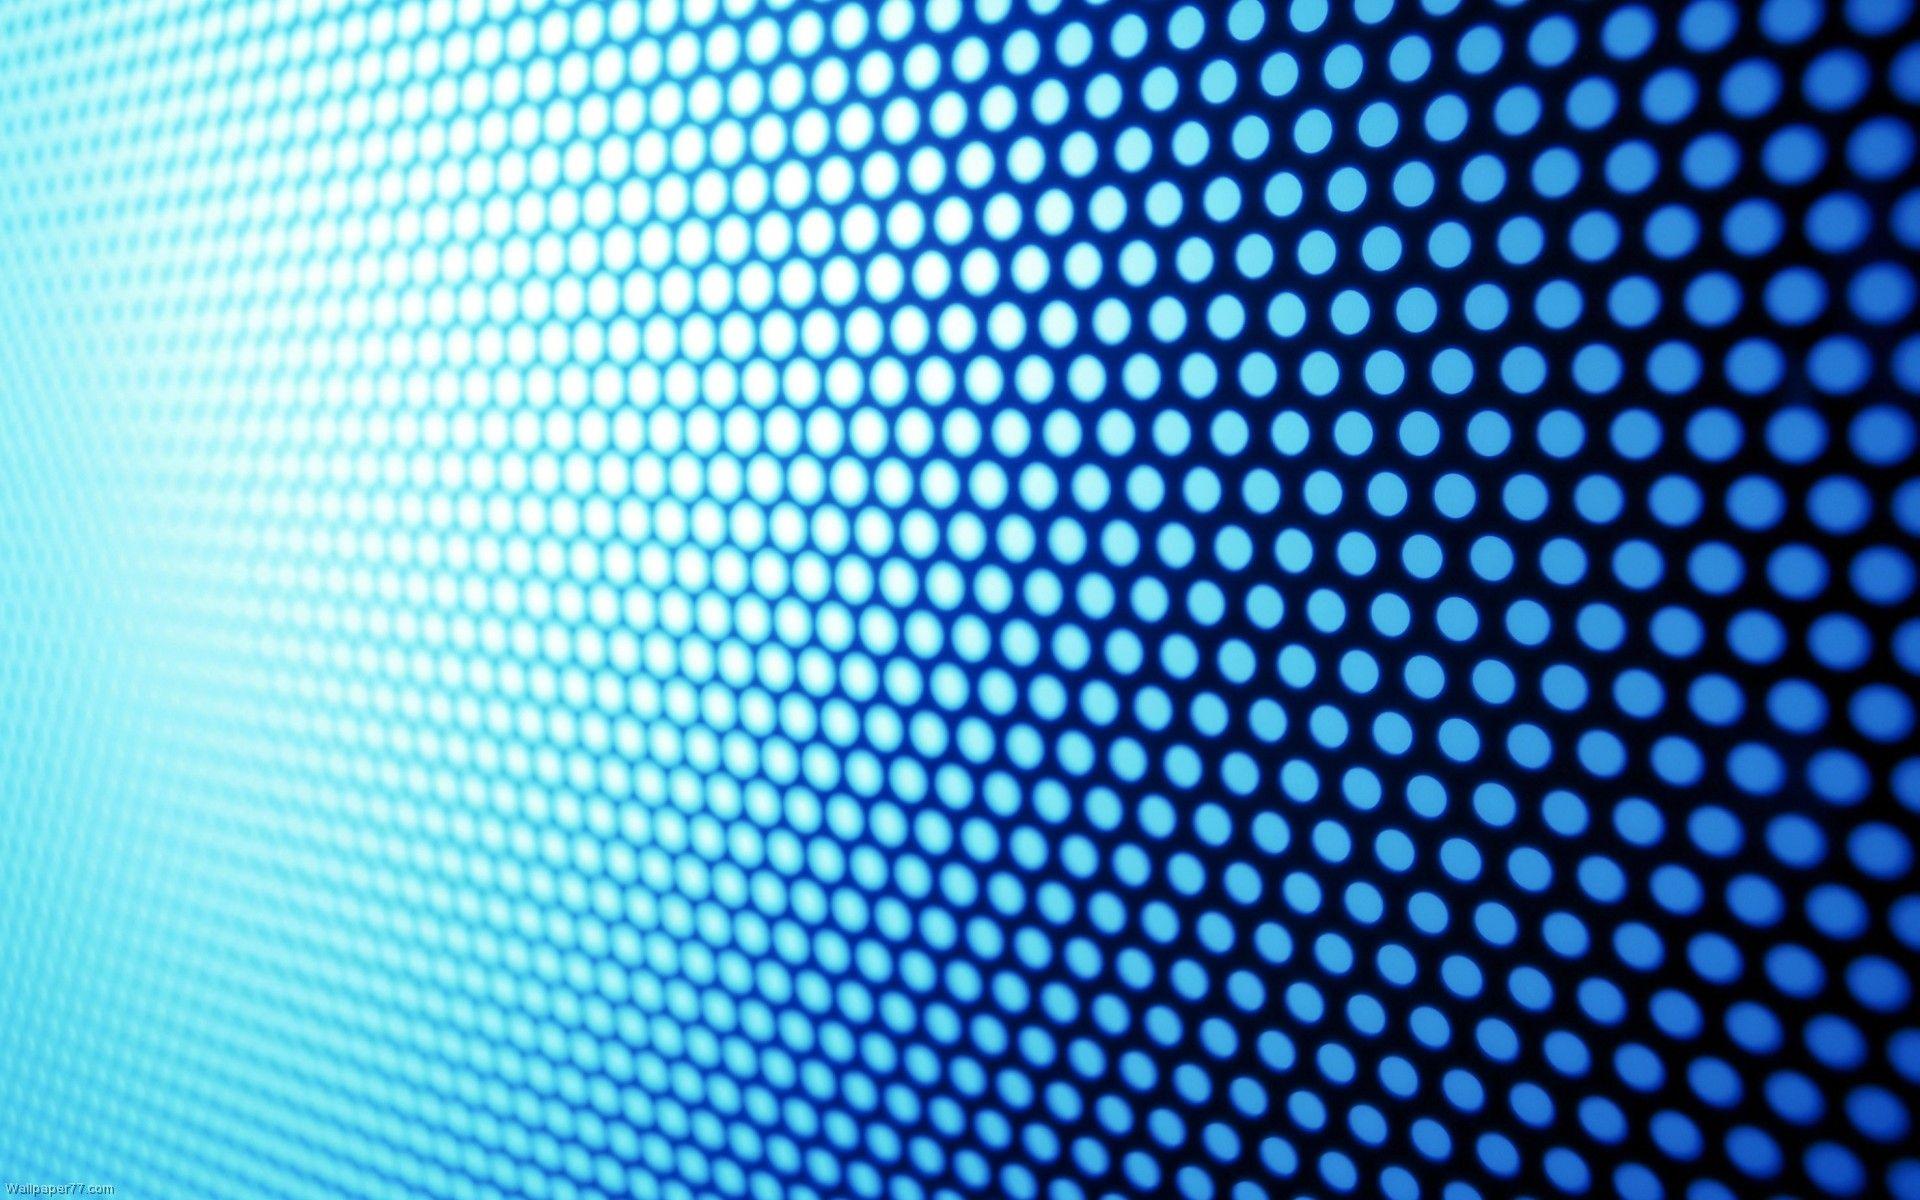 Blue Hexagon Wallpaper Google Search Webspiration